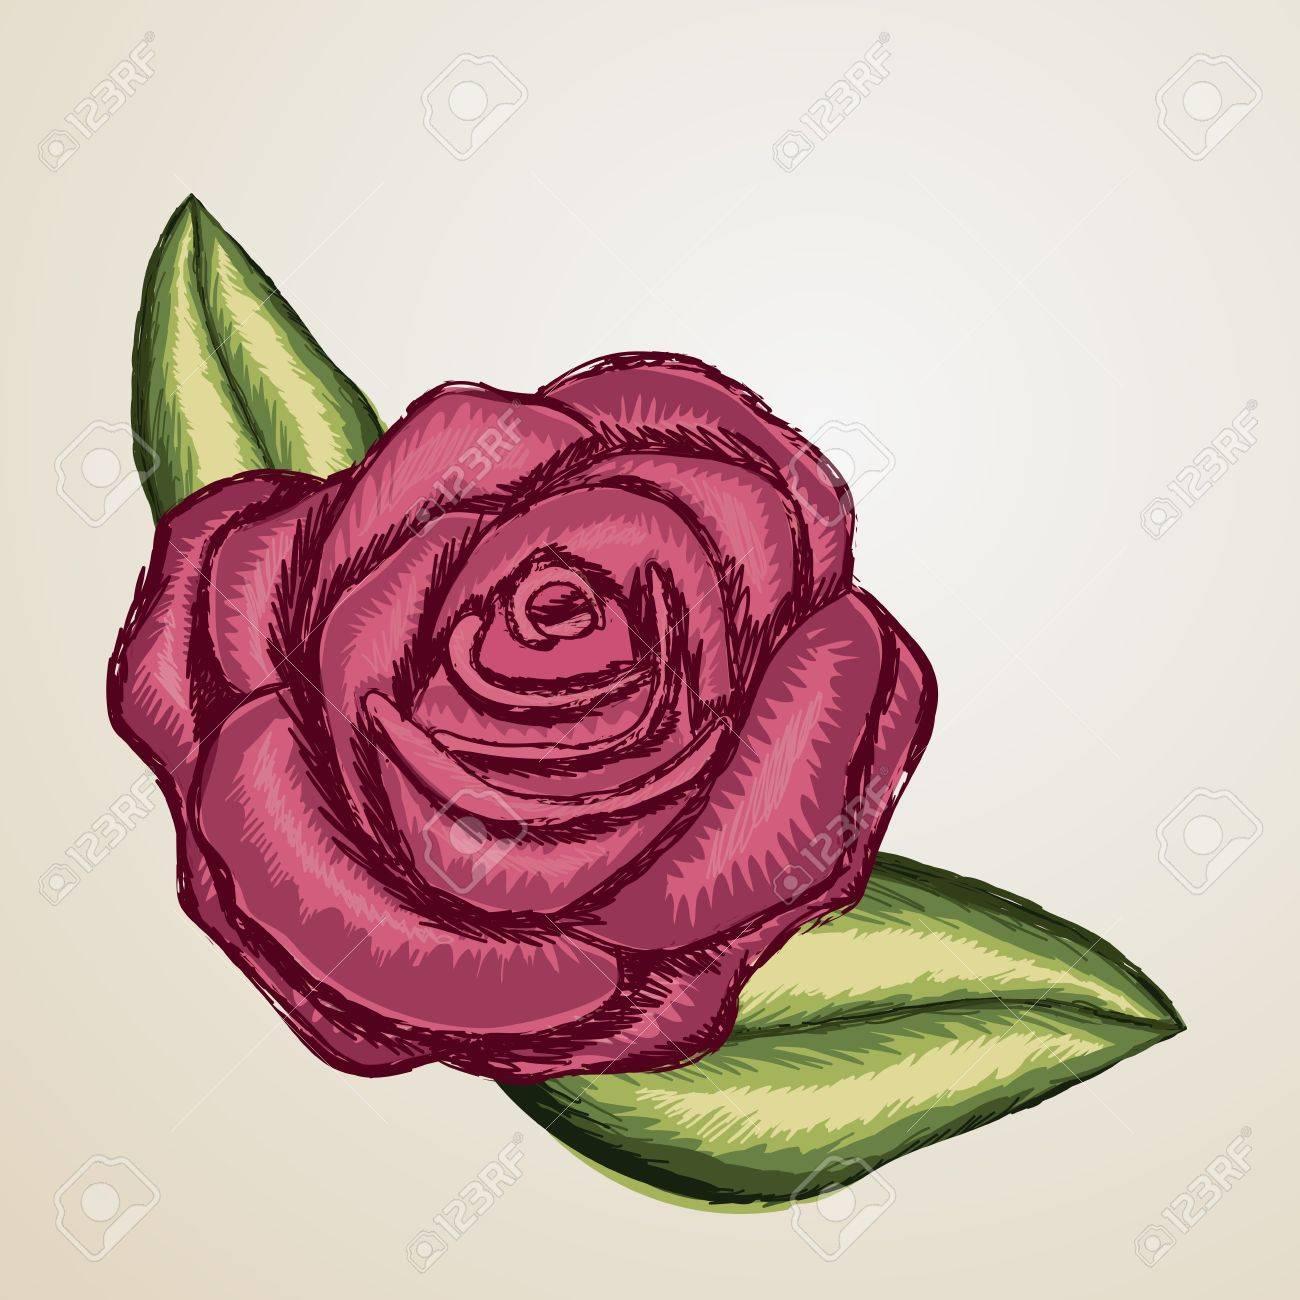 rose design over beige background illustration Stock Vector - 19918374